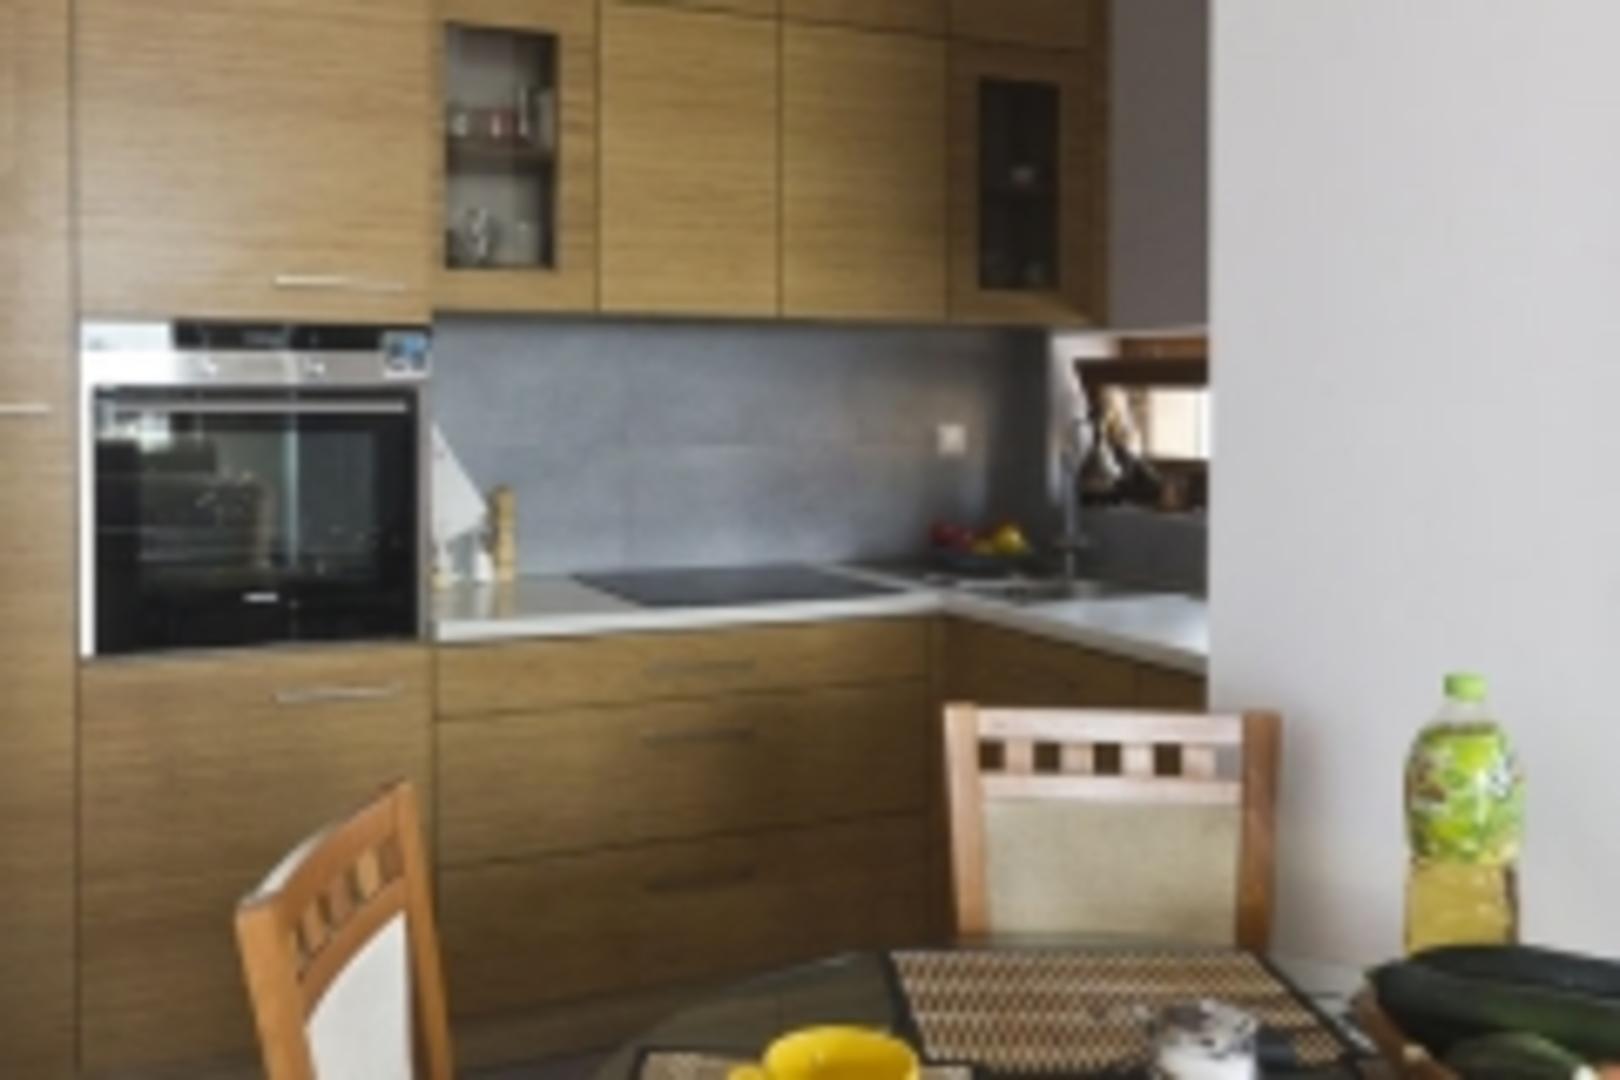 Mieszkanie Wilanów Kuchnia 2